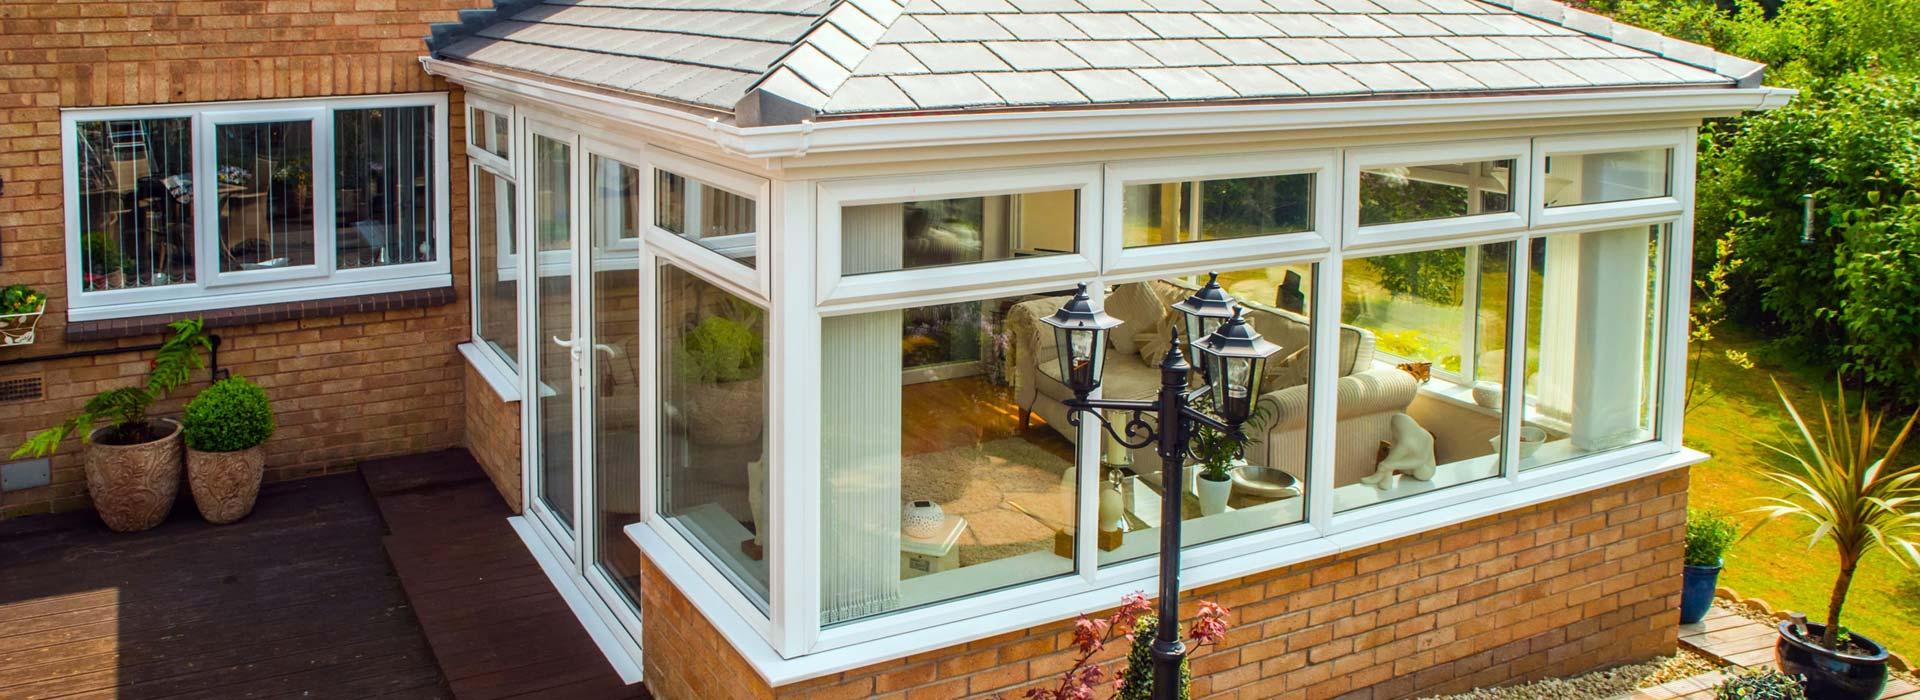 modern conservatories installed